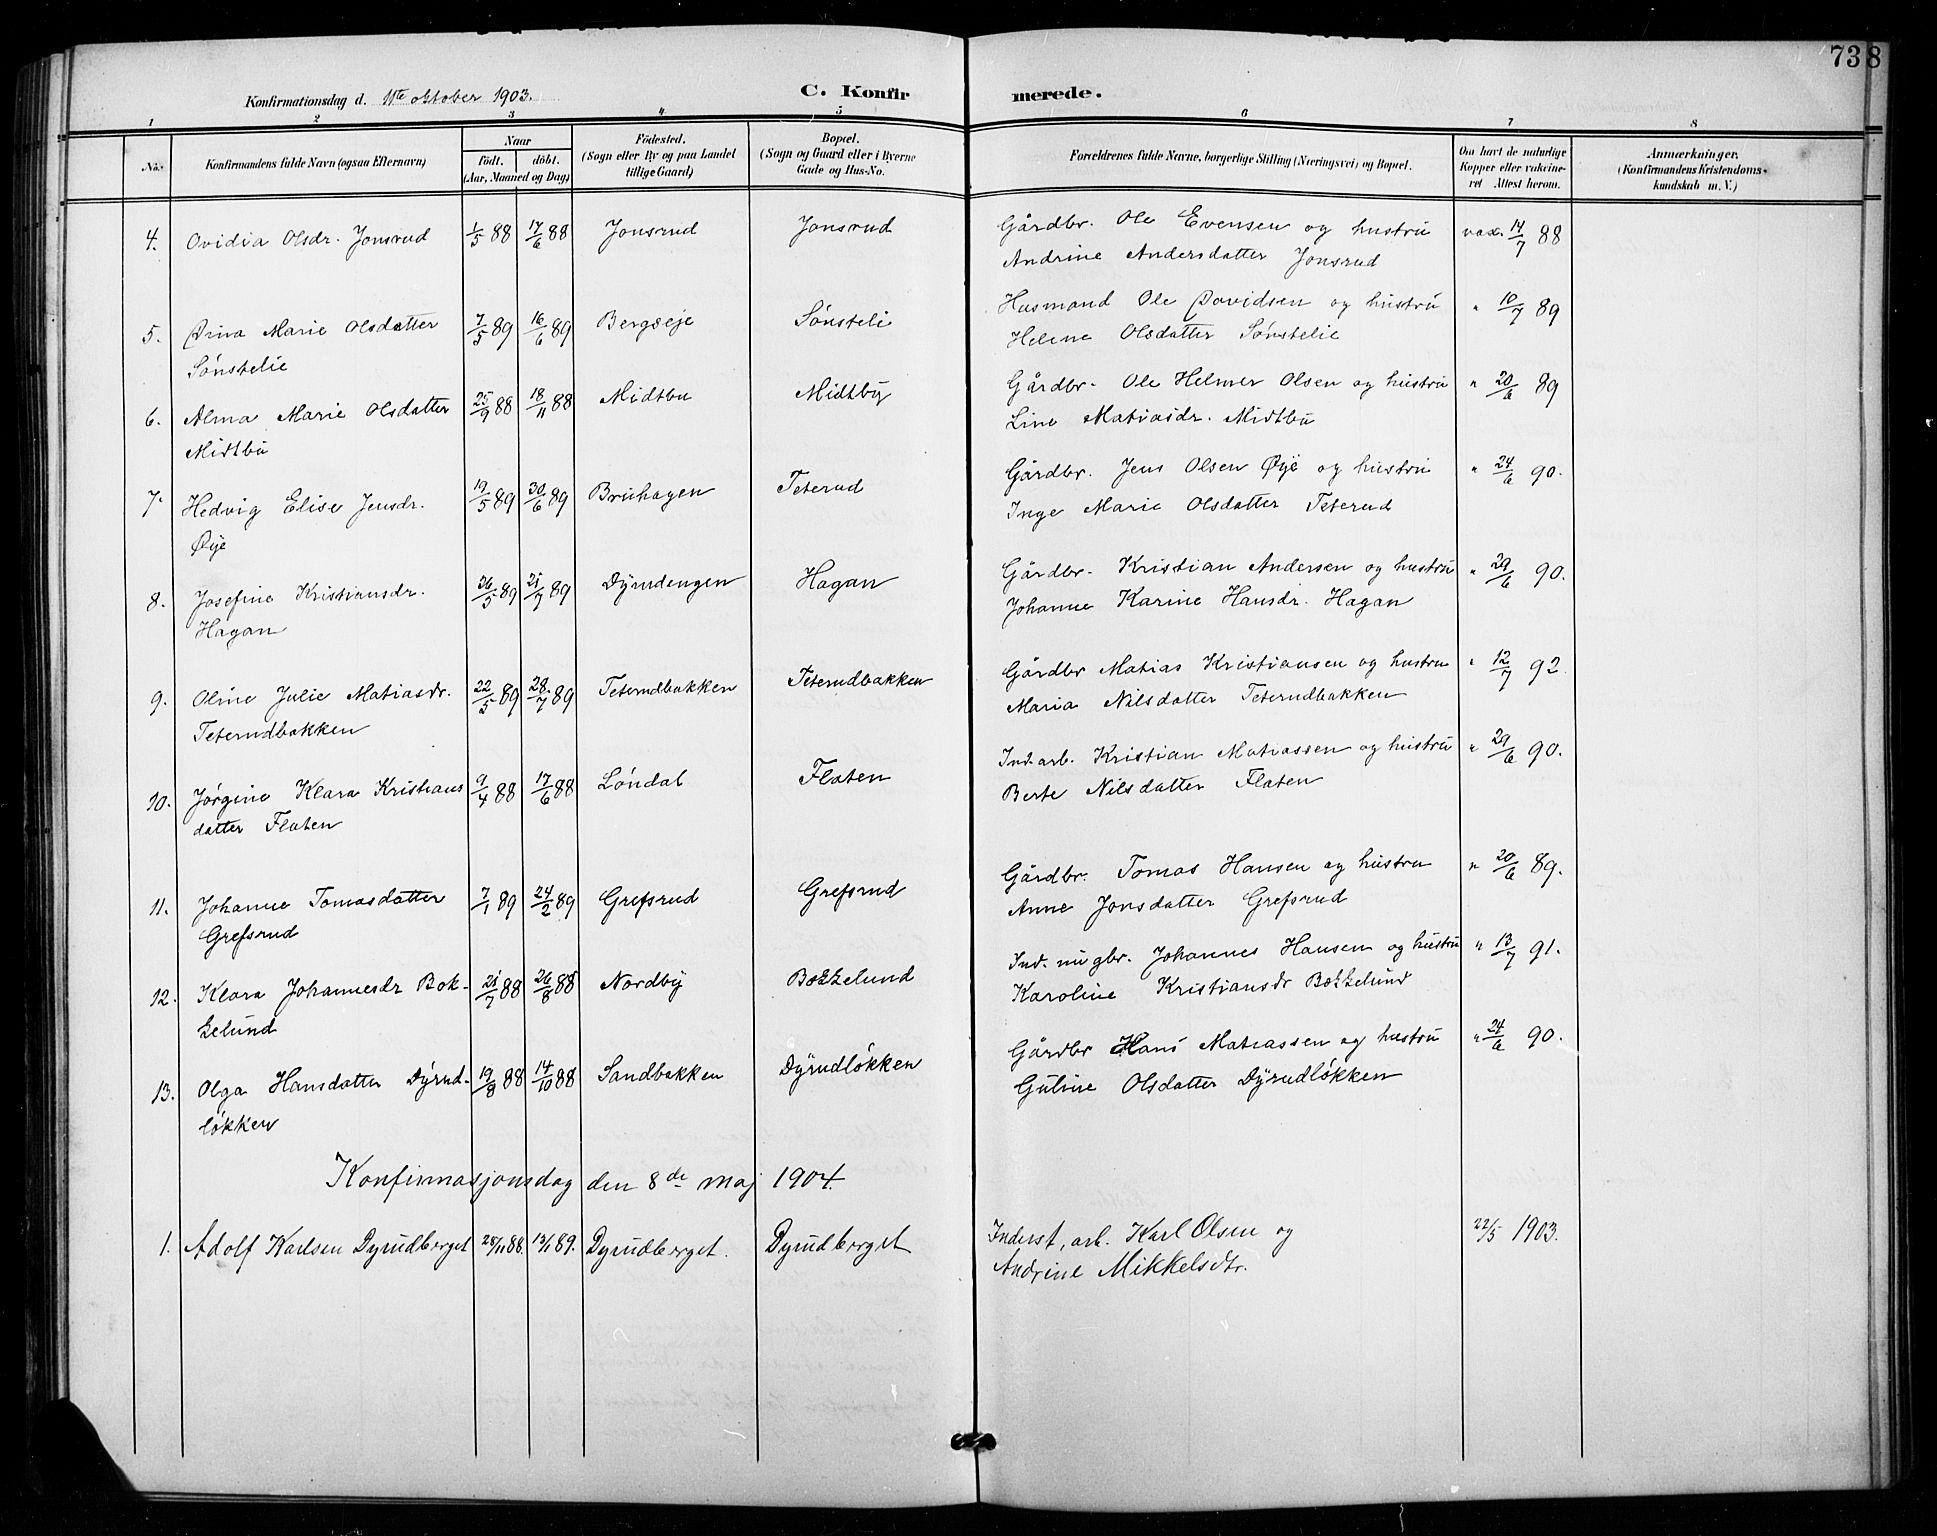 SAH, Vestre Toten prestekontor, H/Ha/Hab/L0016: Klokkerbok nr. 16, 1901-1915, s. 73